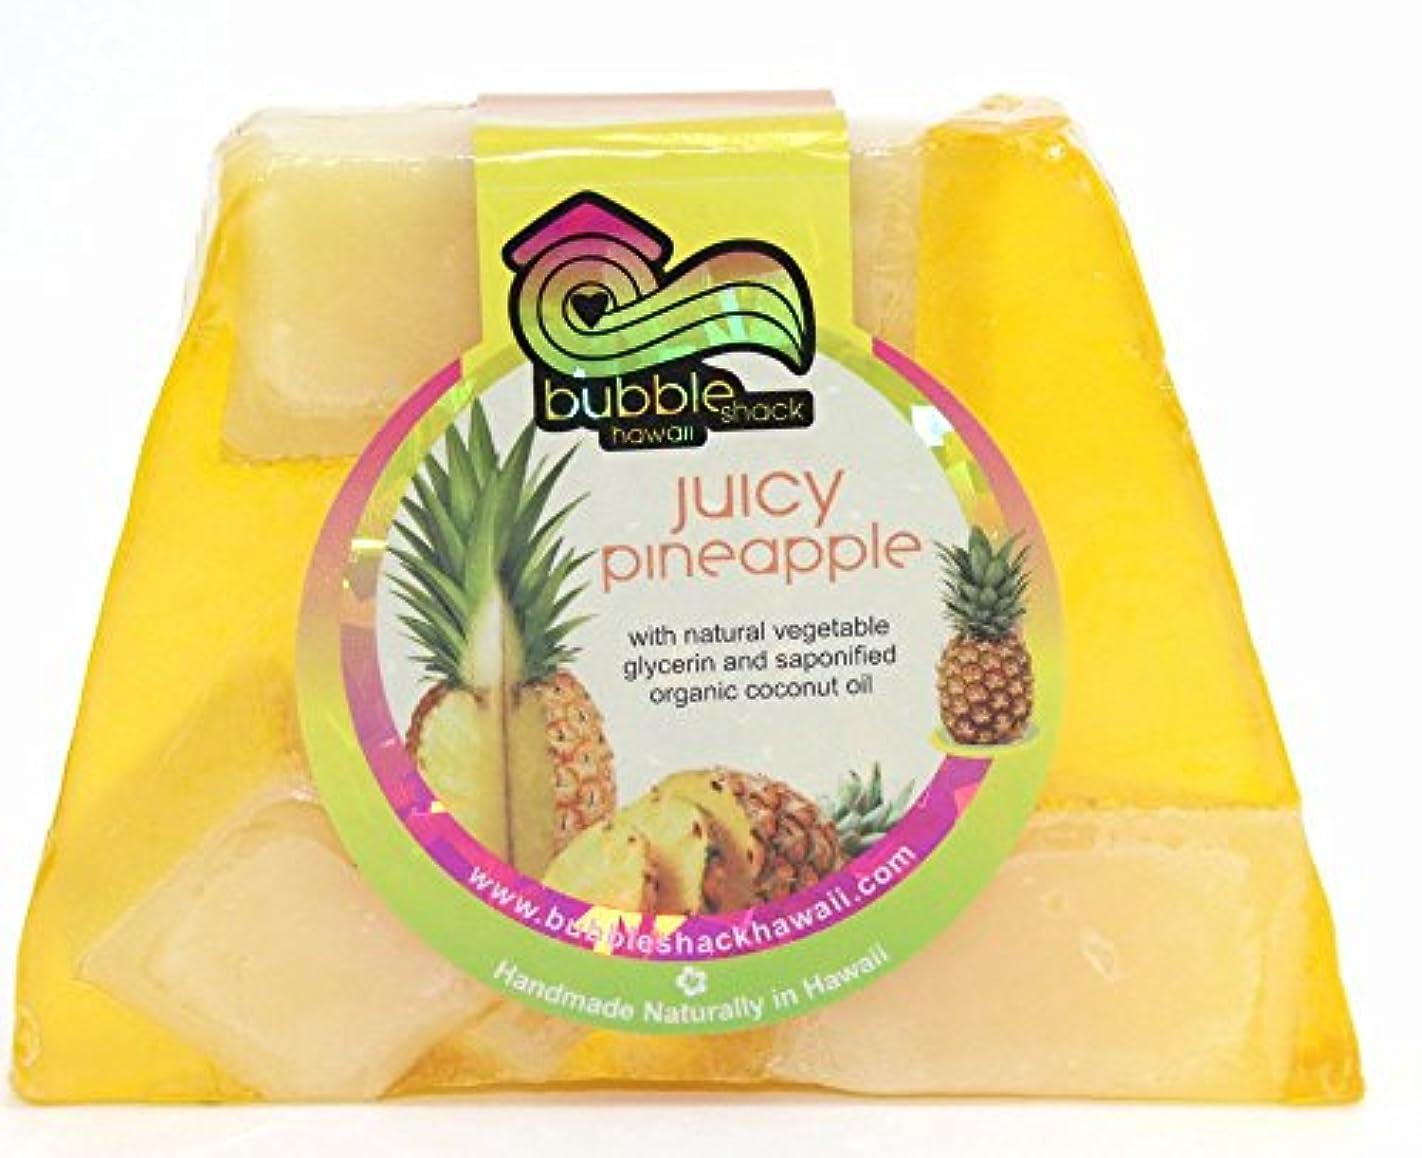 補充応答明らかにするハワイ お土産 ハワイアン雑貨 バブルシャック パイナップル チャンクソープ 石鹸 (パイナップル) ハワイ雑貨